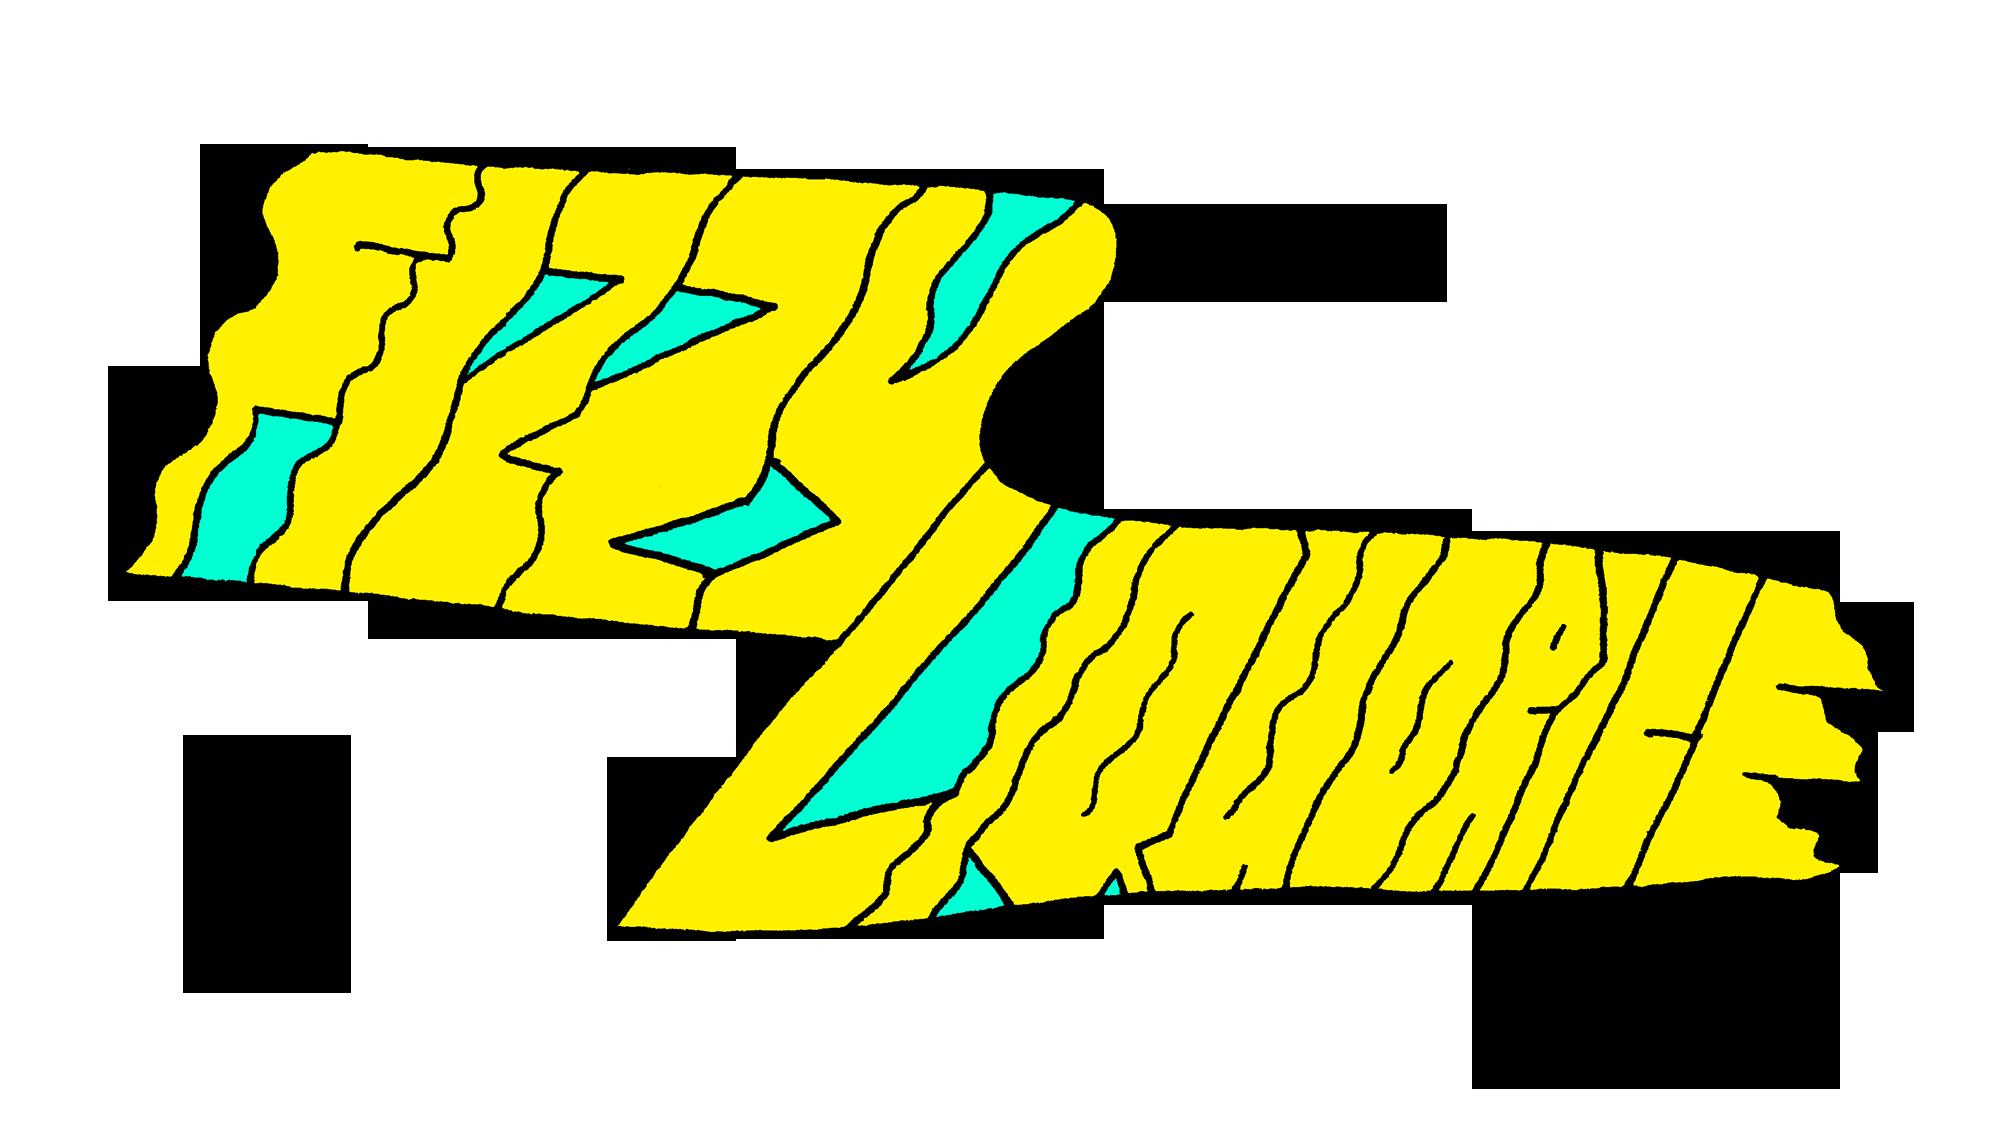 Fizzy-Liquorice-TYPE